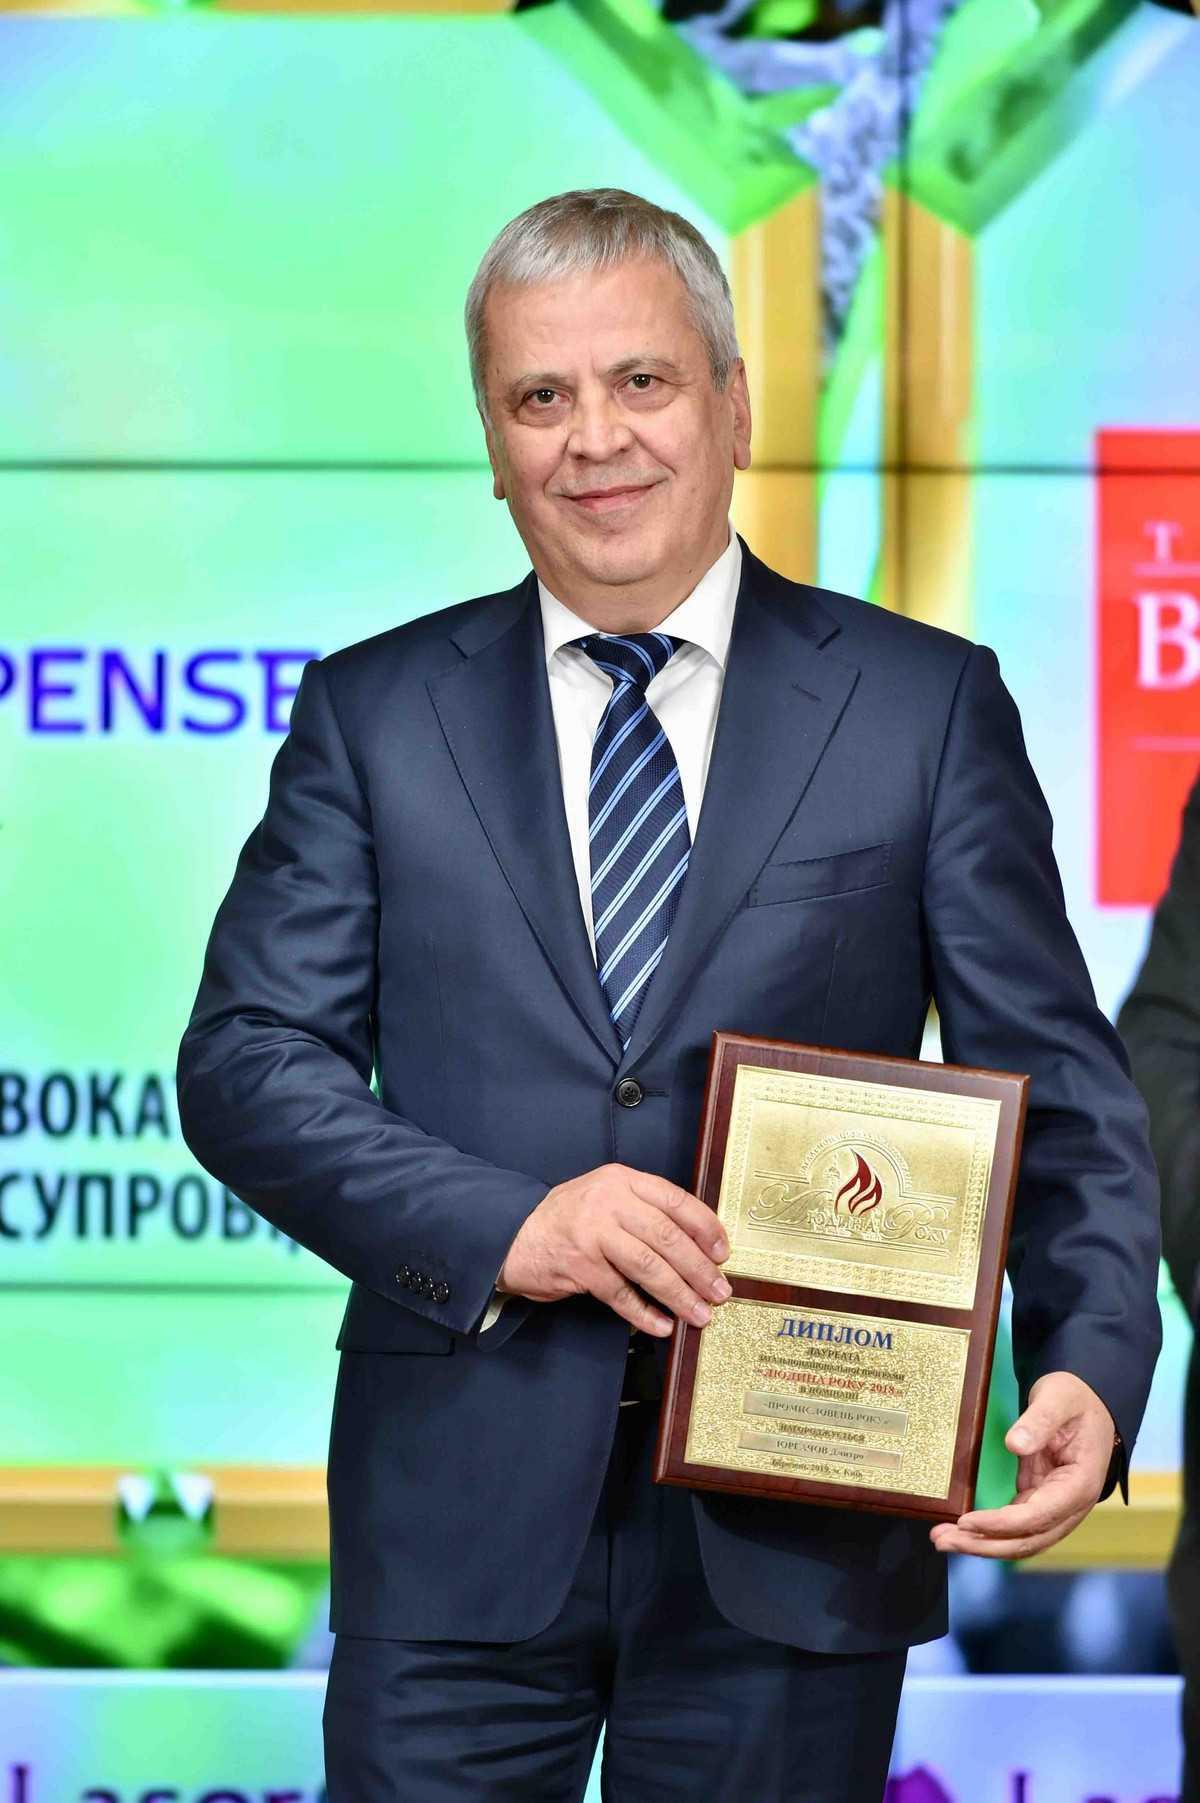 Дмитрий Иоргачев. Номинация – «Промышленник года»